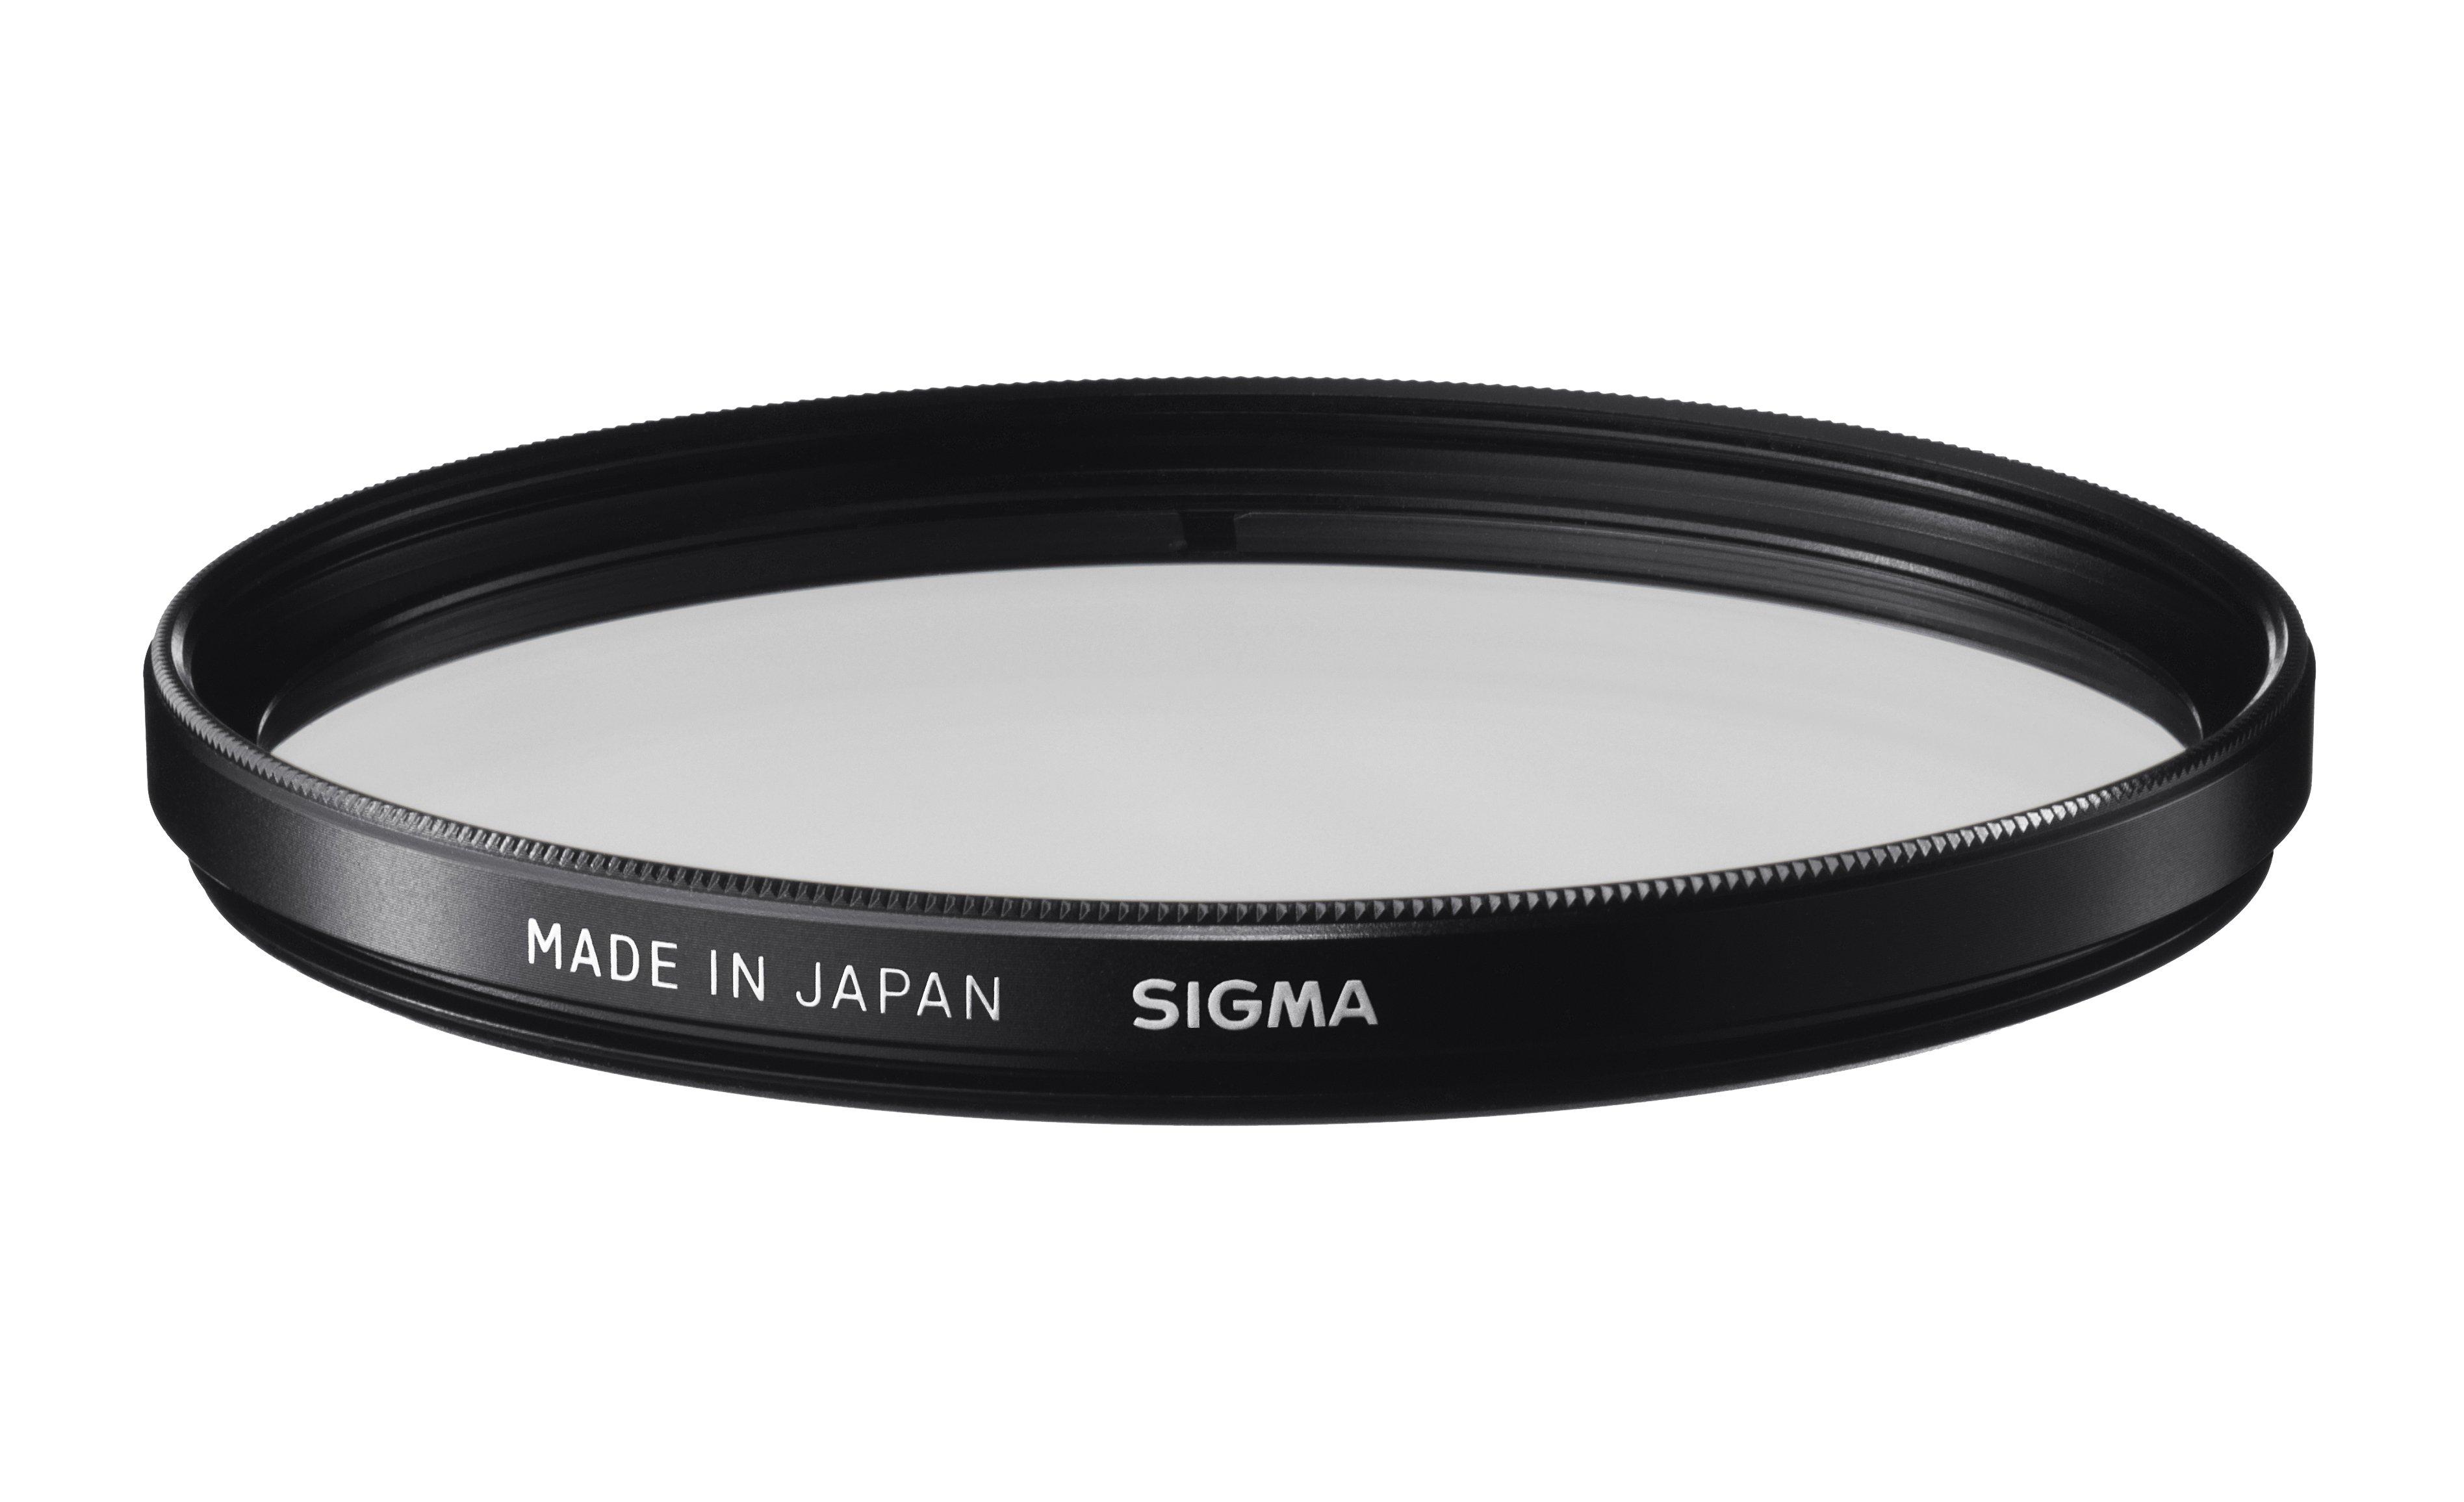 SIGMA filtr ochranný 67 mm WR